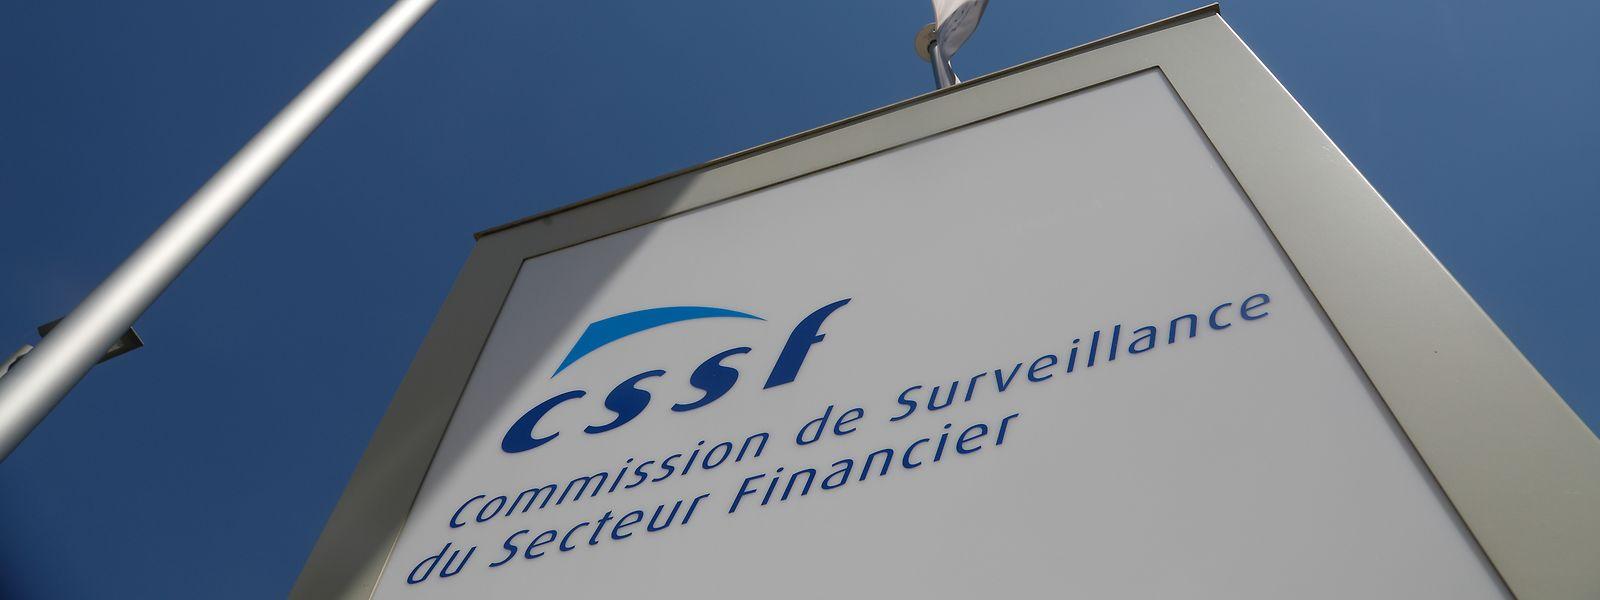 L'objectif poursuivi par la CSSF tient dans le fait que les établissements de crédit puissent «continuer à remplir leur rôle de financement des ménages, des petites et moyennes entreprises et des sociétés dans le contexte du choc économique actuel»